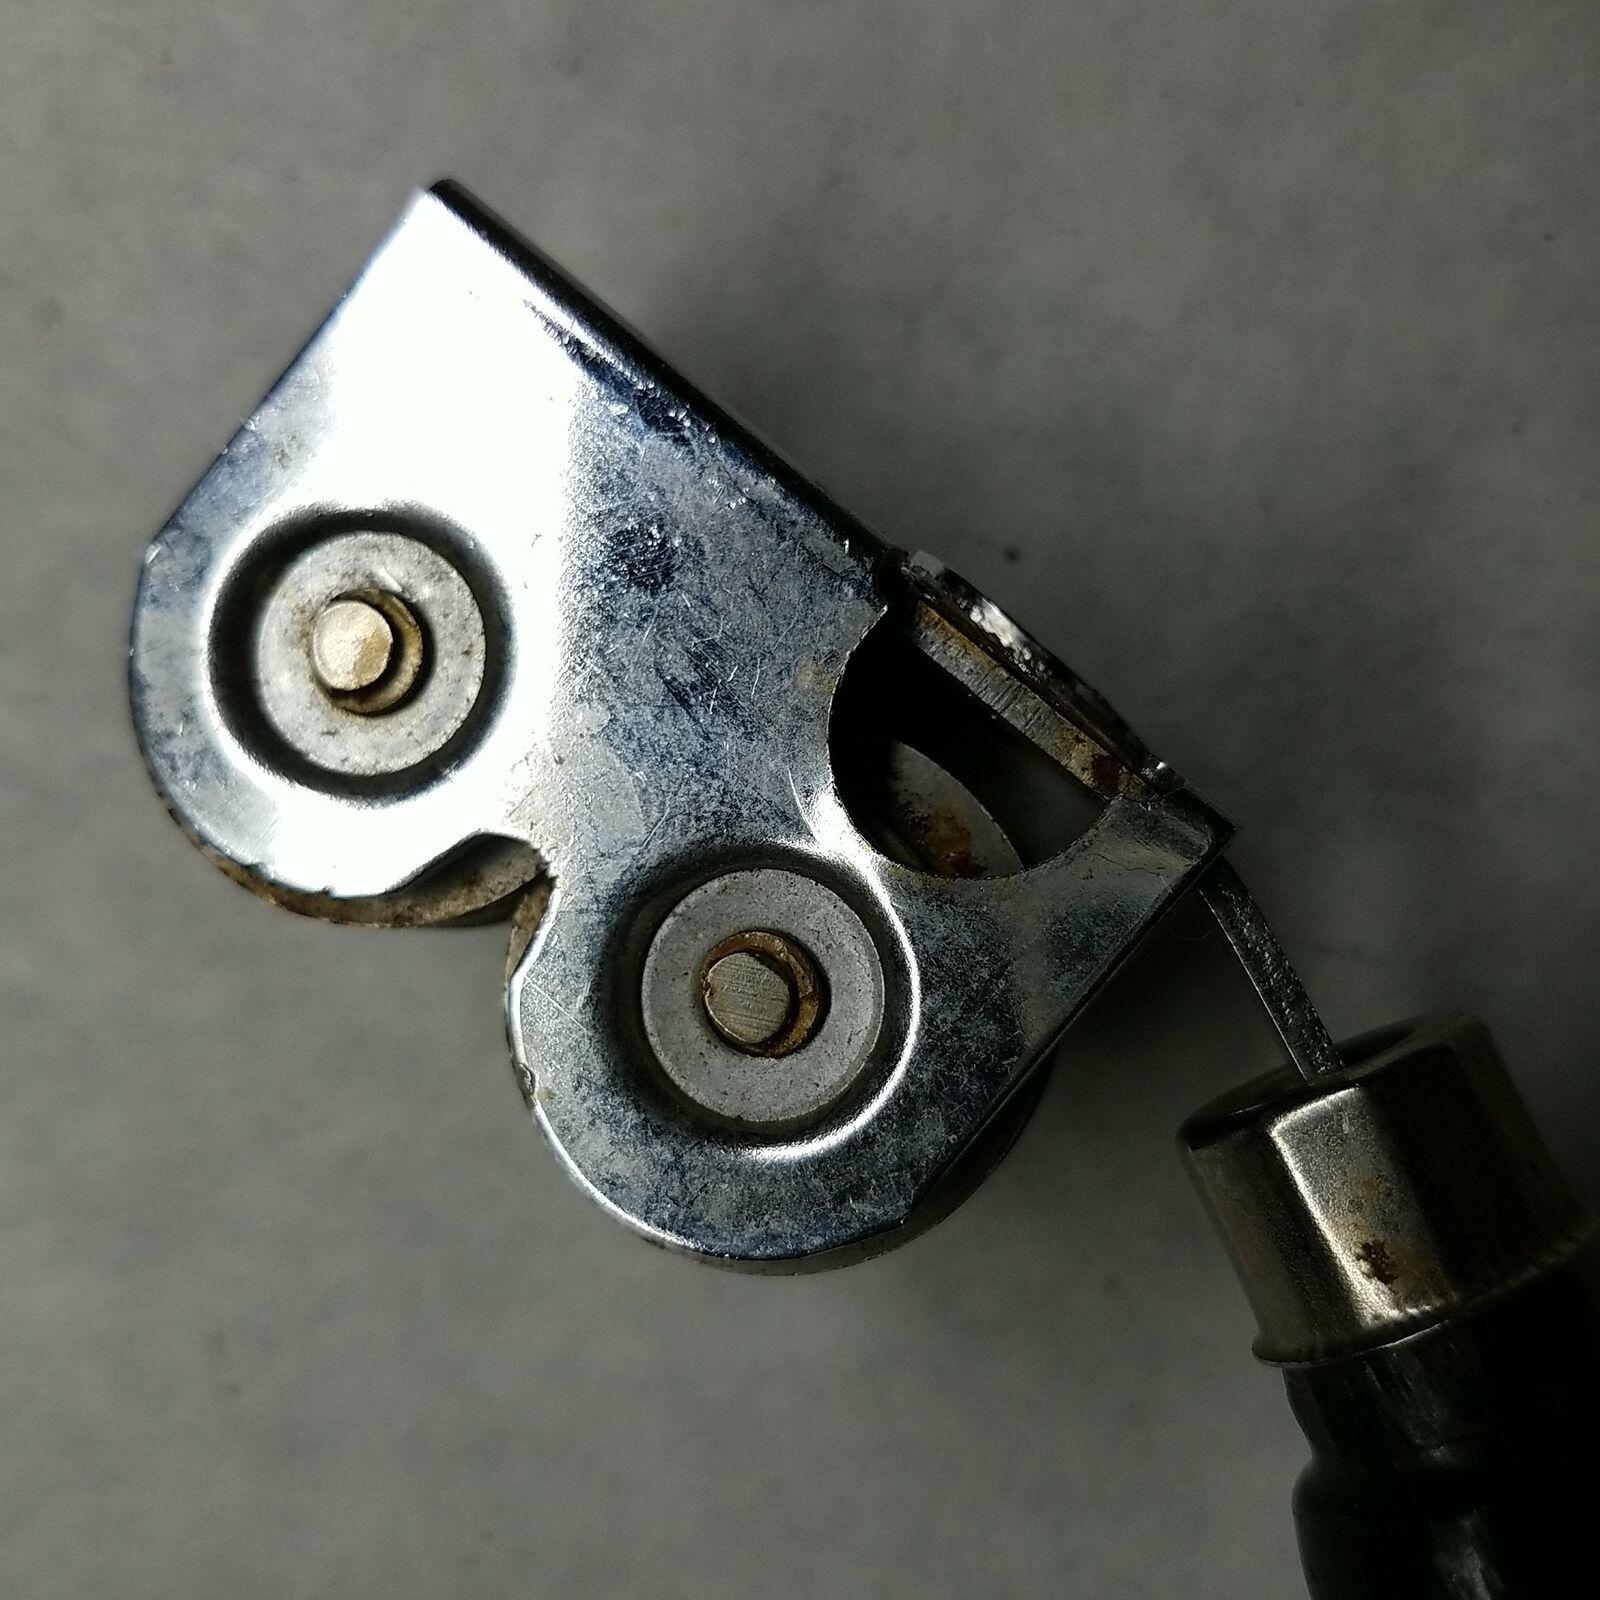 Ekco Chromium Plated Knife Sharpener Pull Through Black Handle